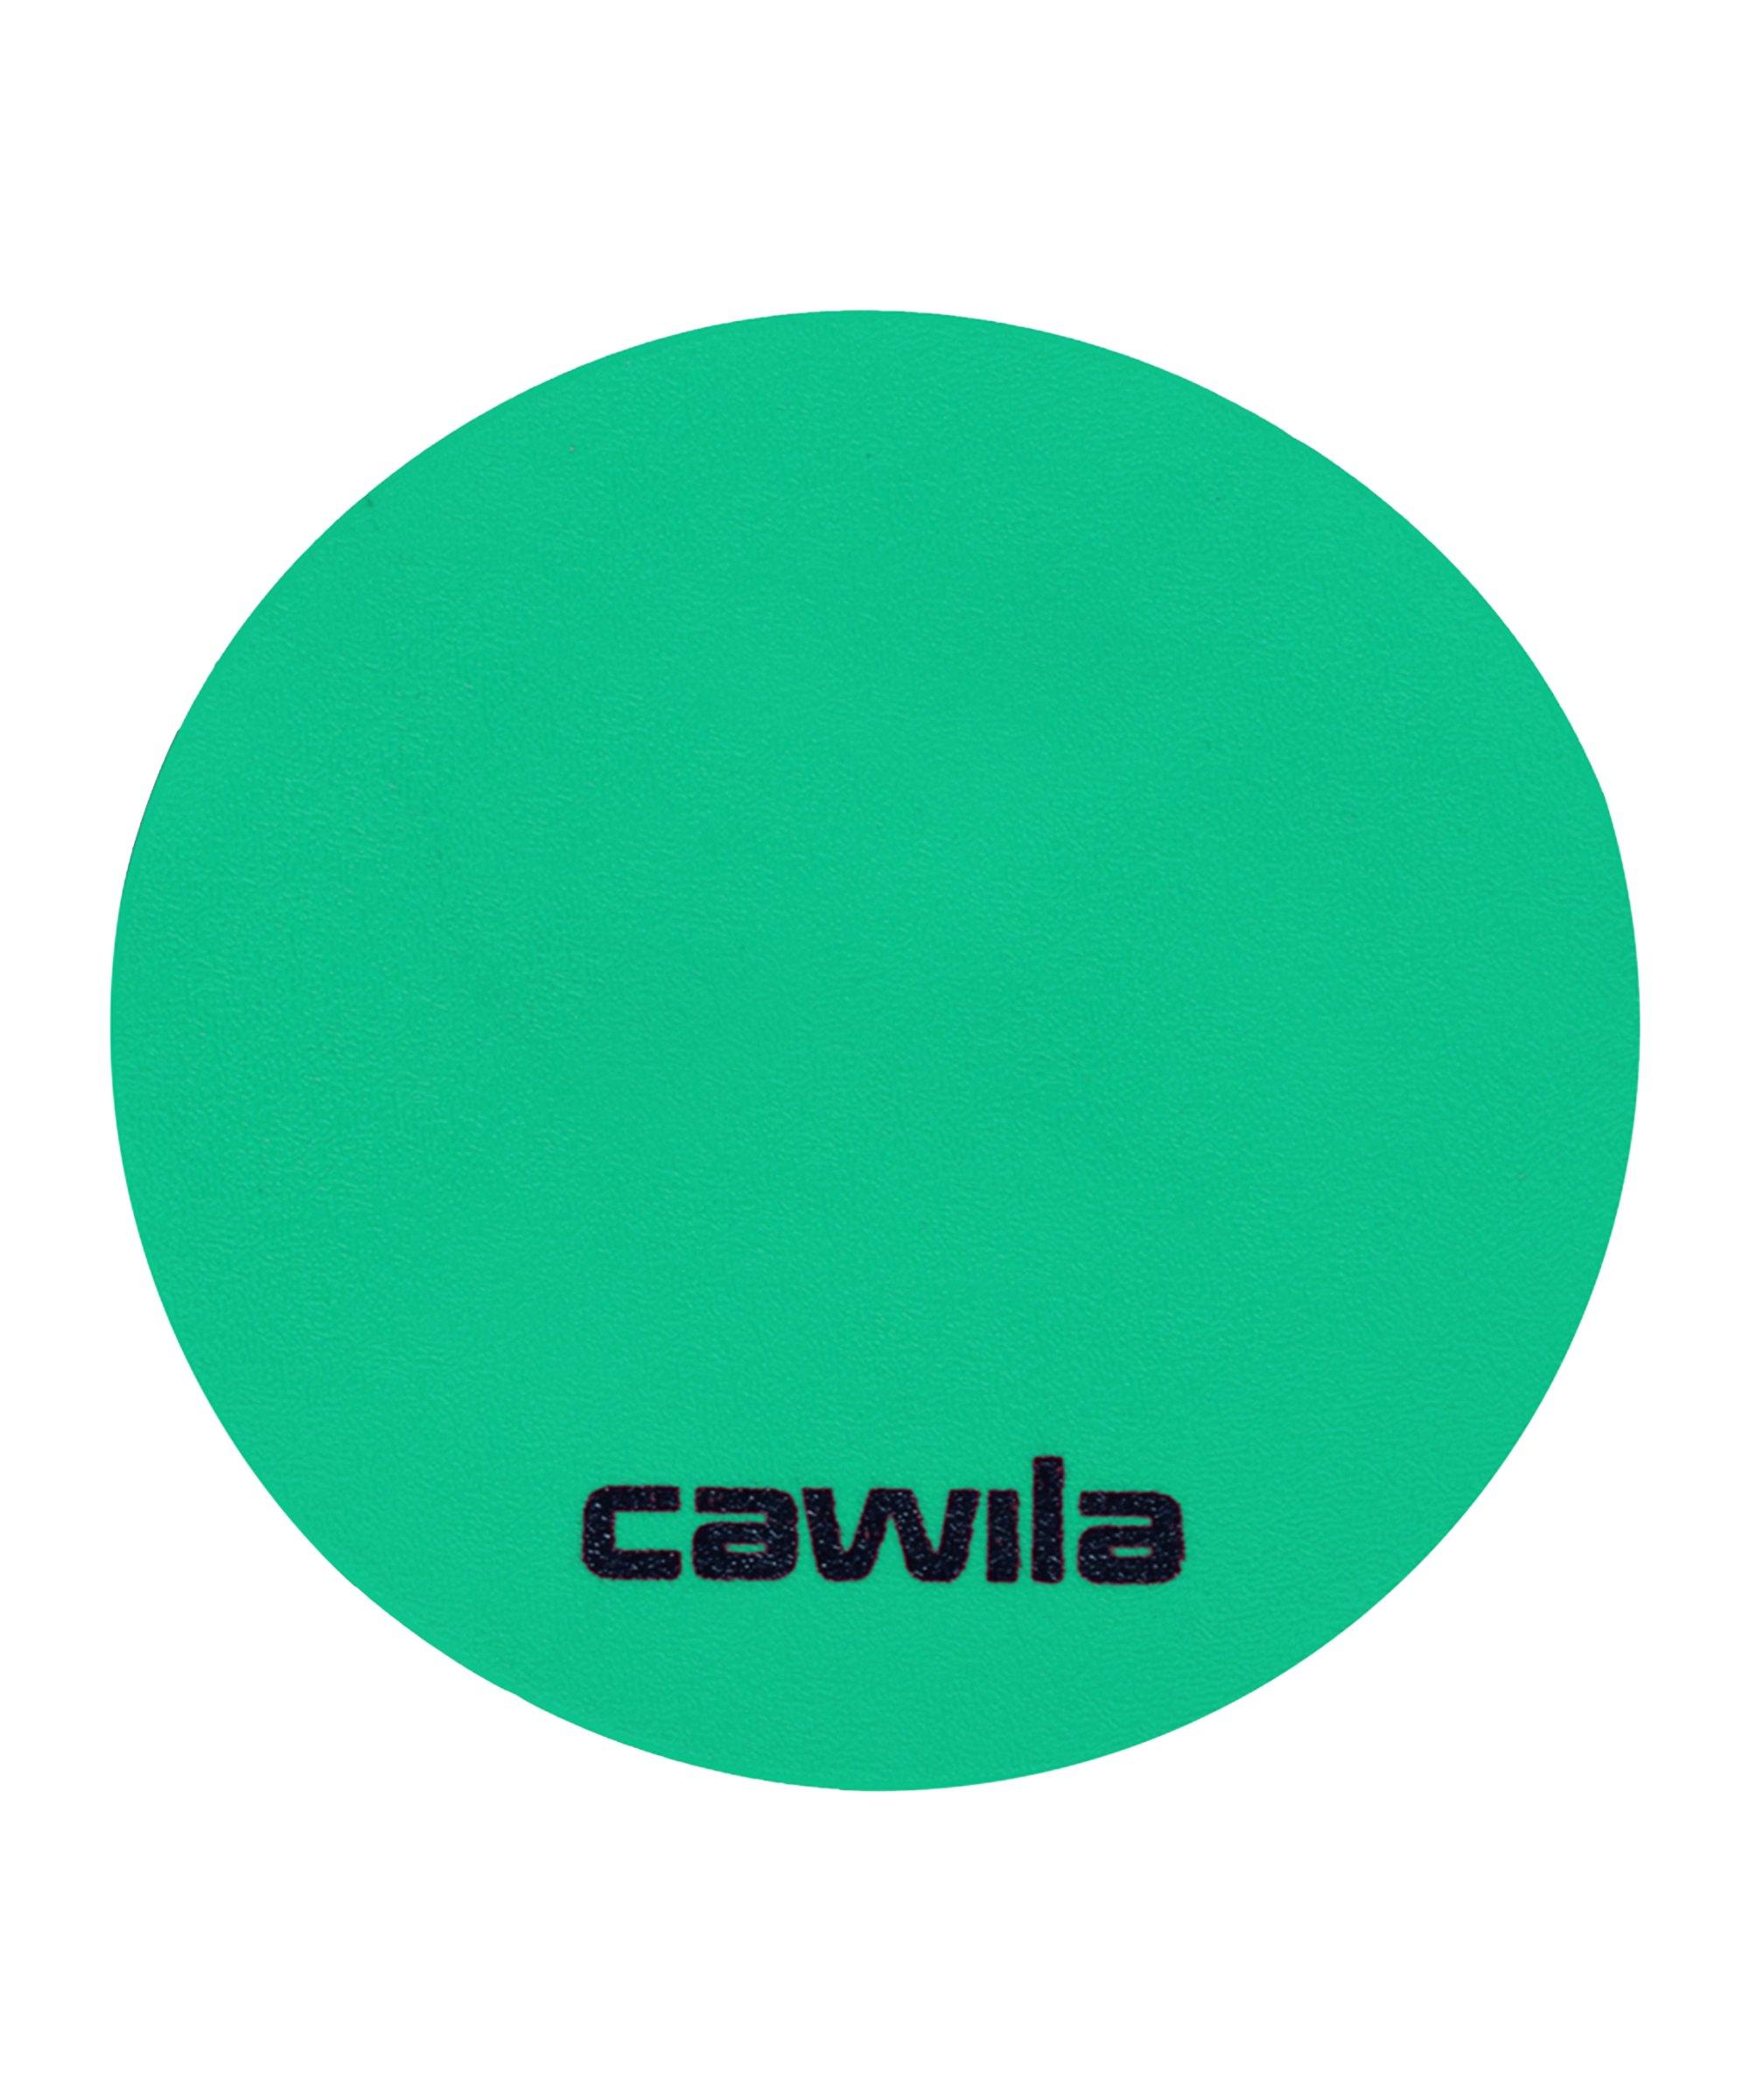 Cawila Marker-System Scheibe d255mm Grün - gruen